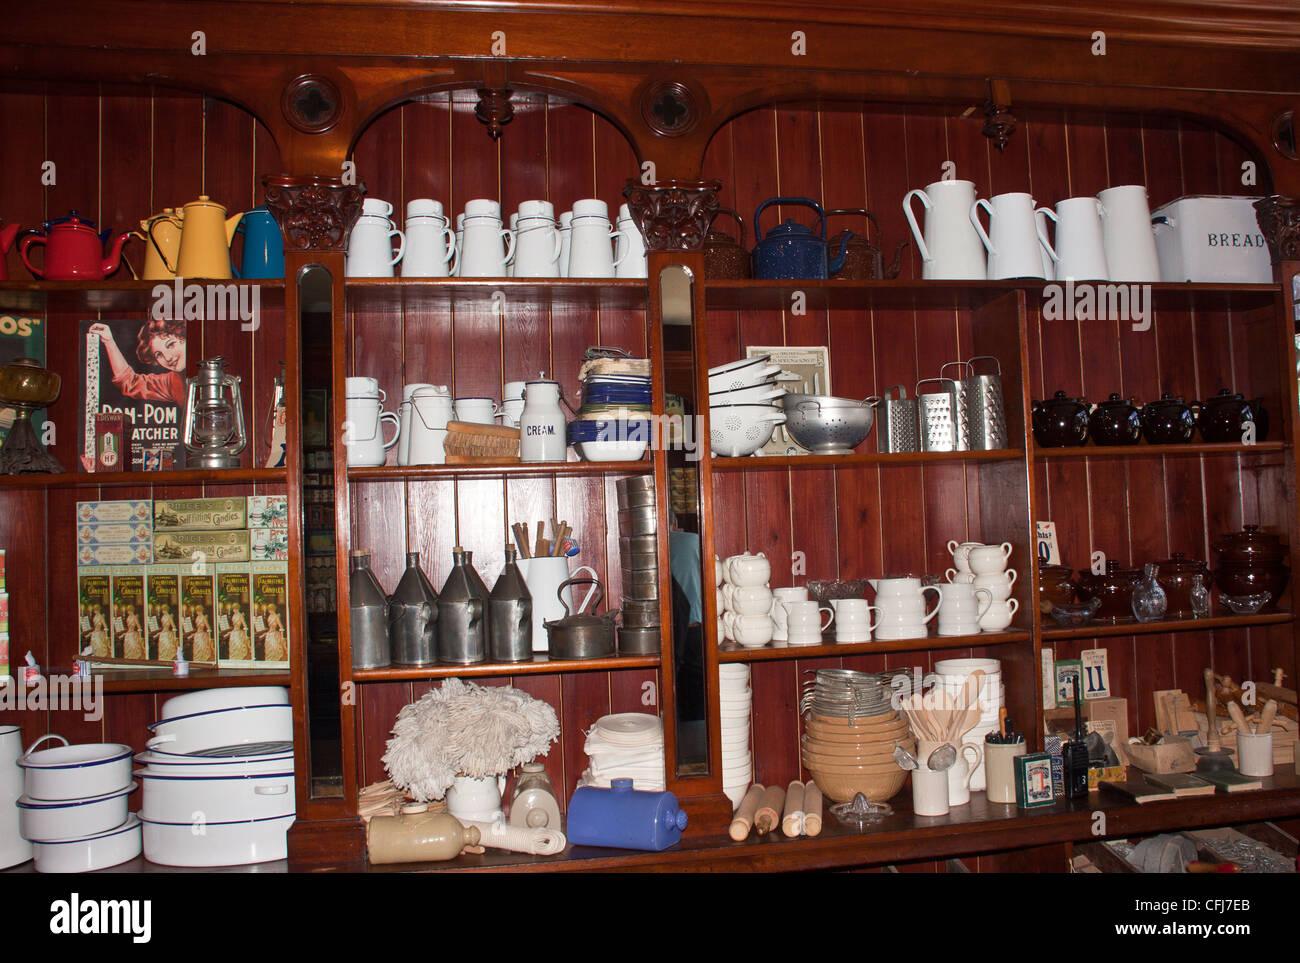 Cabinet Shop Names Old Corner Shop Stock Photos Old Corner Shop Stock Images Alamy